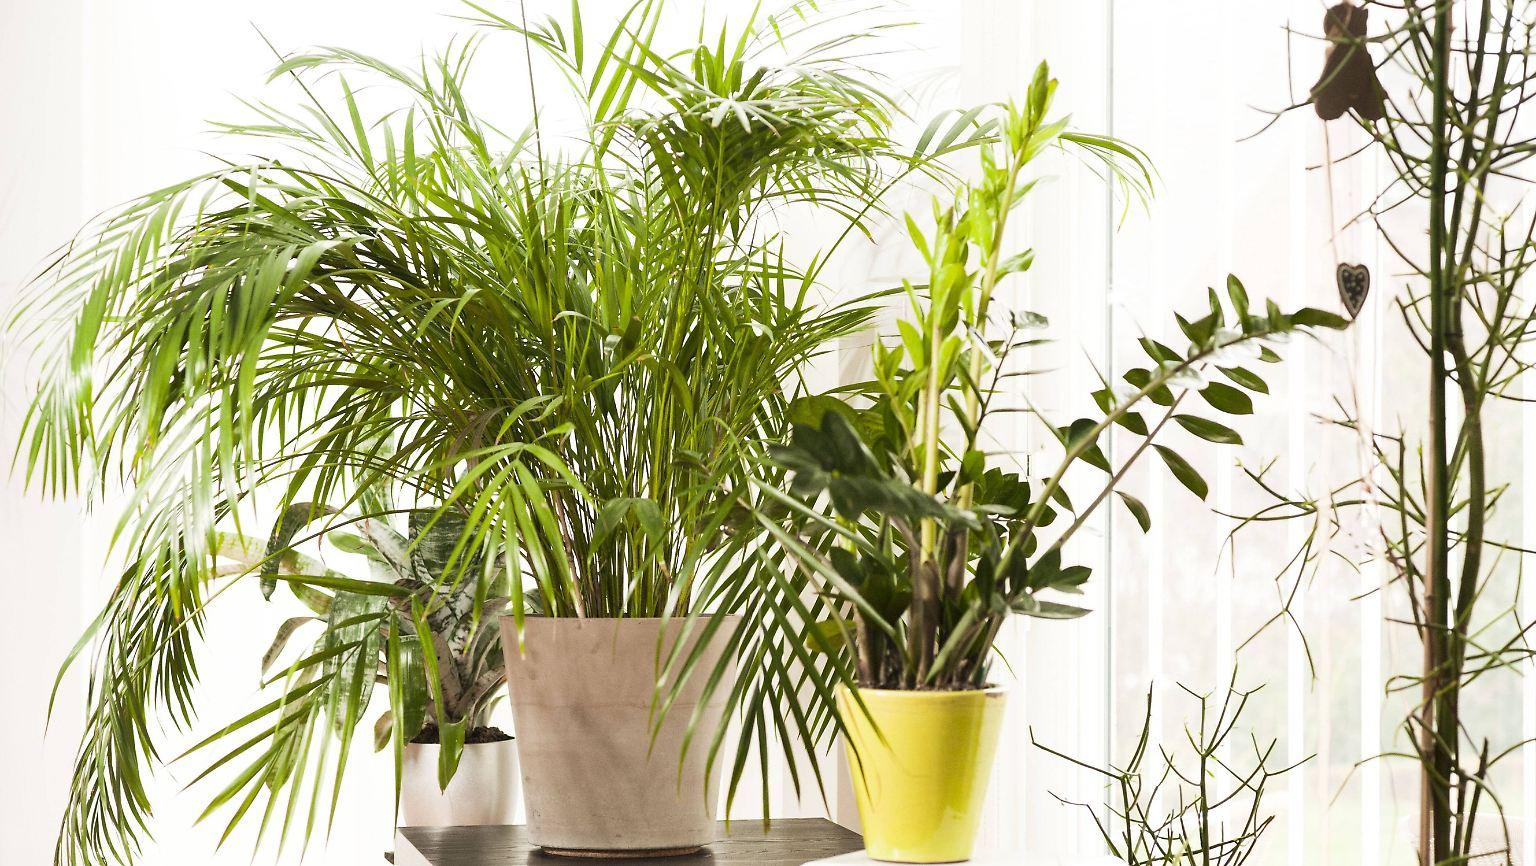 Frage & Antwort: Sind Pflanzen im Schlafzimmer schädlich? - n-tv.de